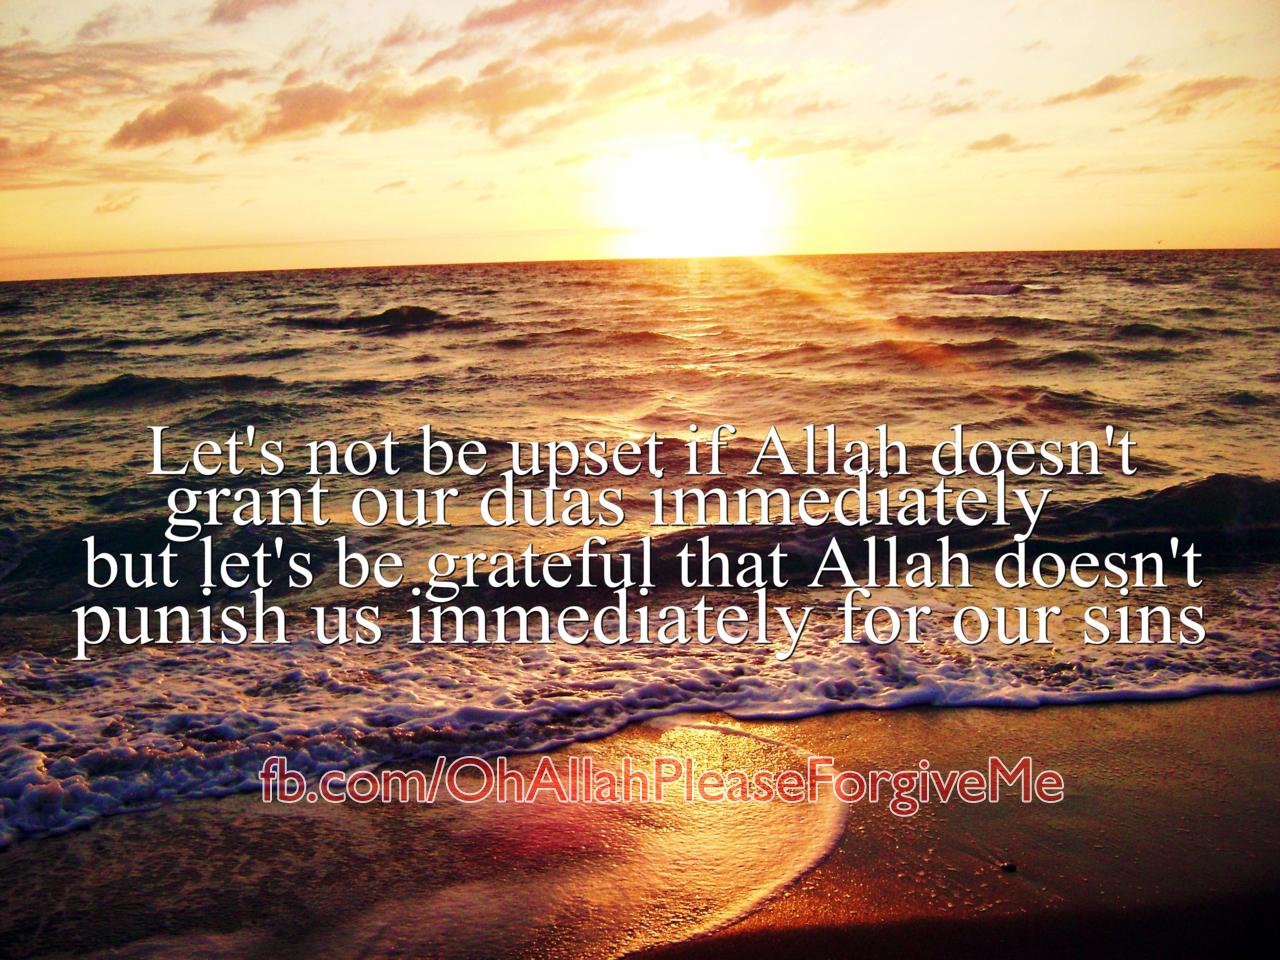 Islamic quote #2